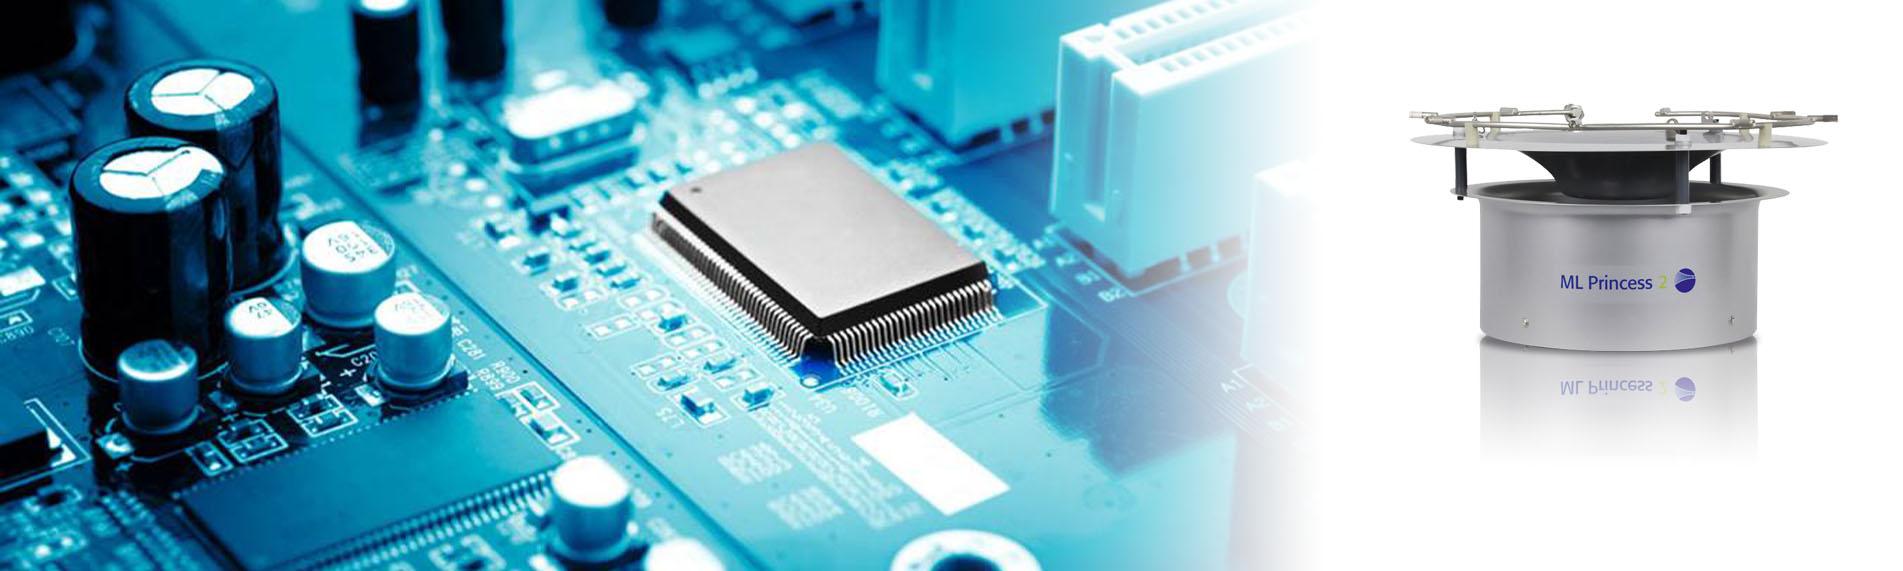 Las ventajas de la humidificación para electrónica